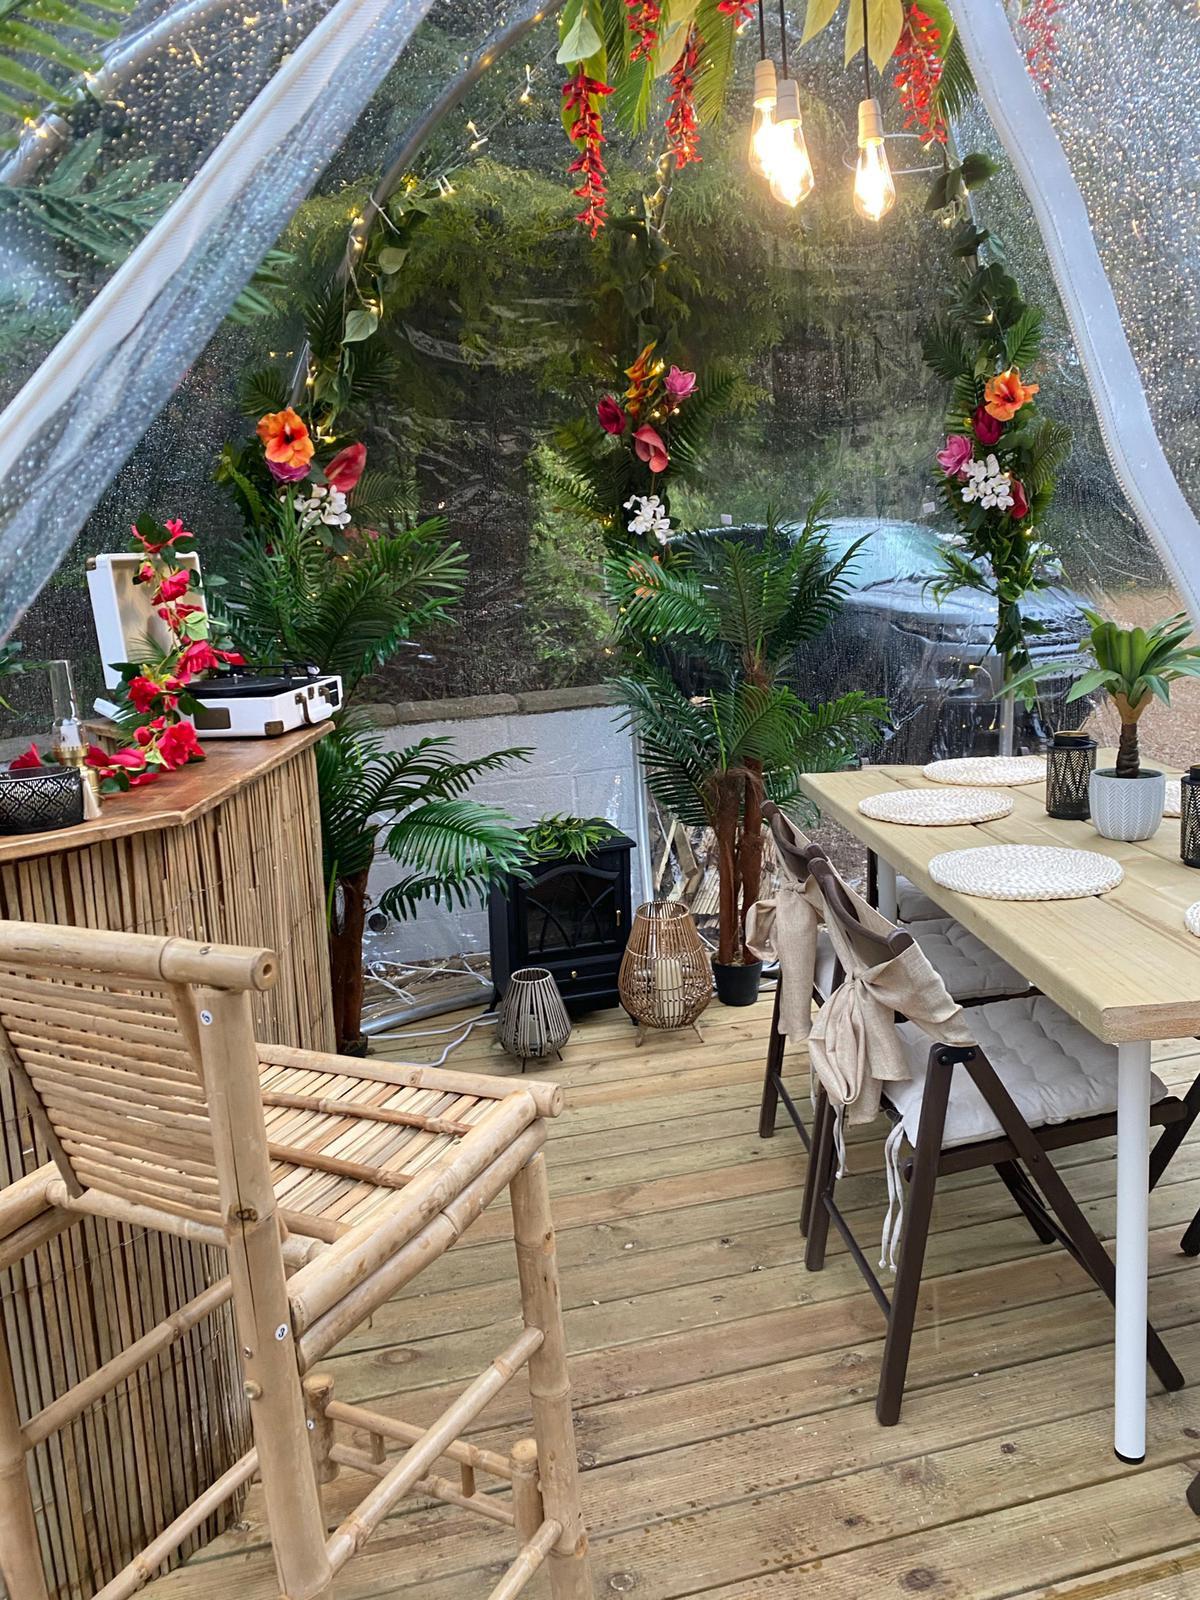 Tropical Tiki Garden (Tuesday -Thursday)